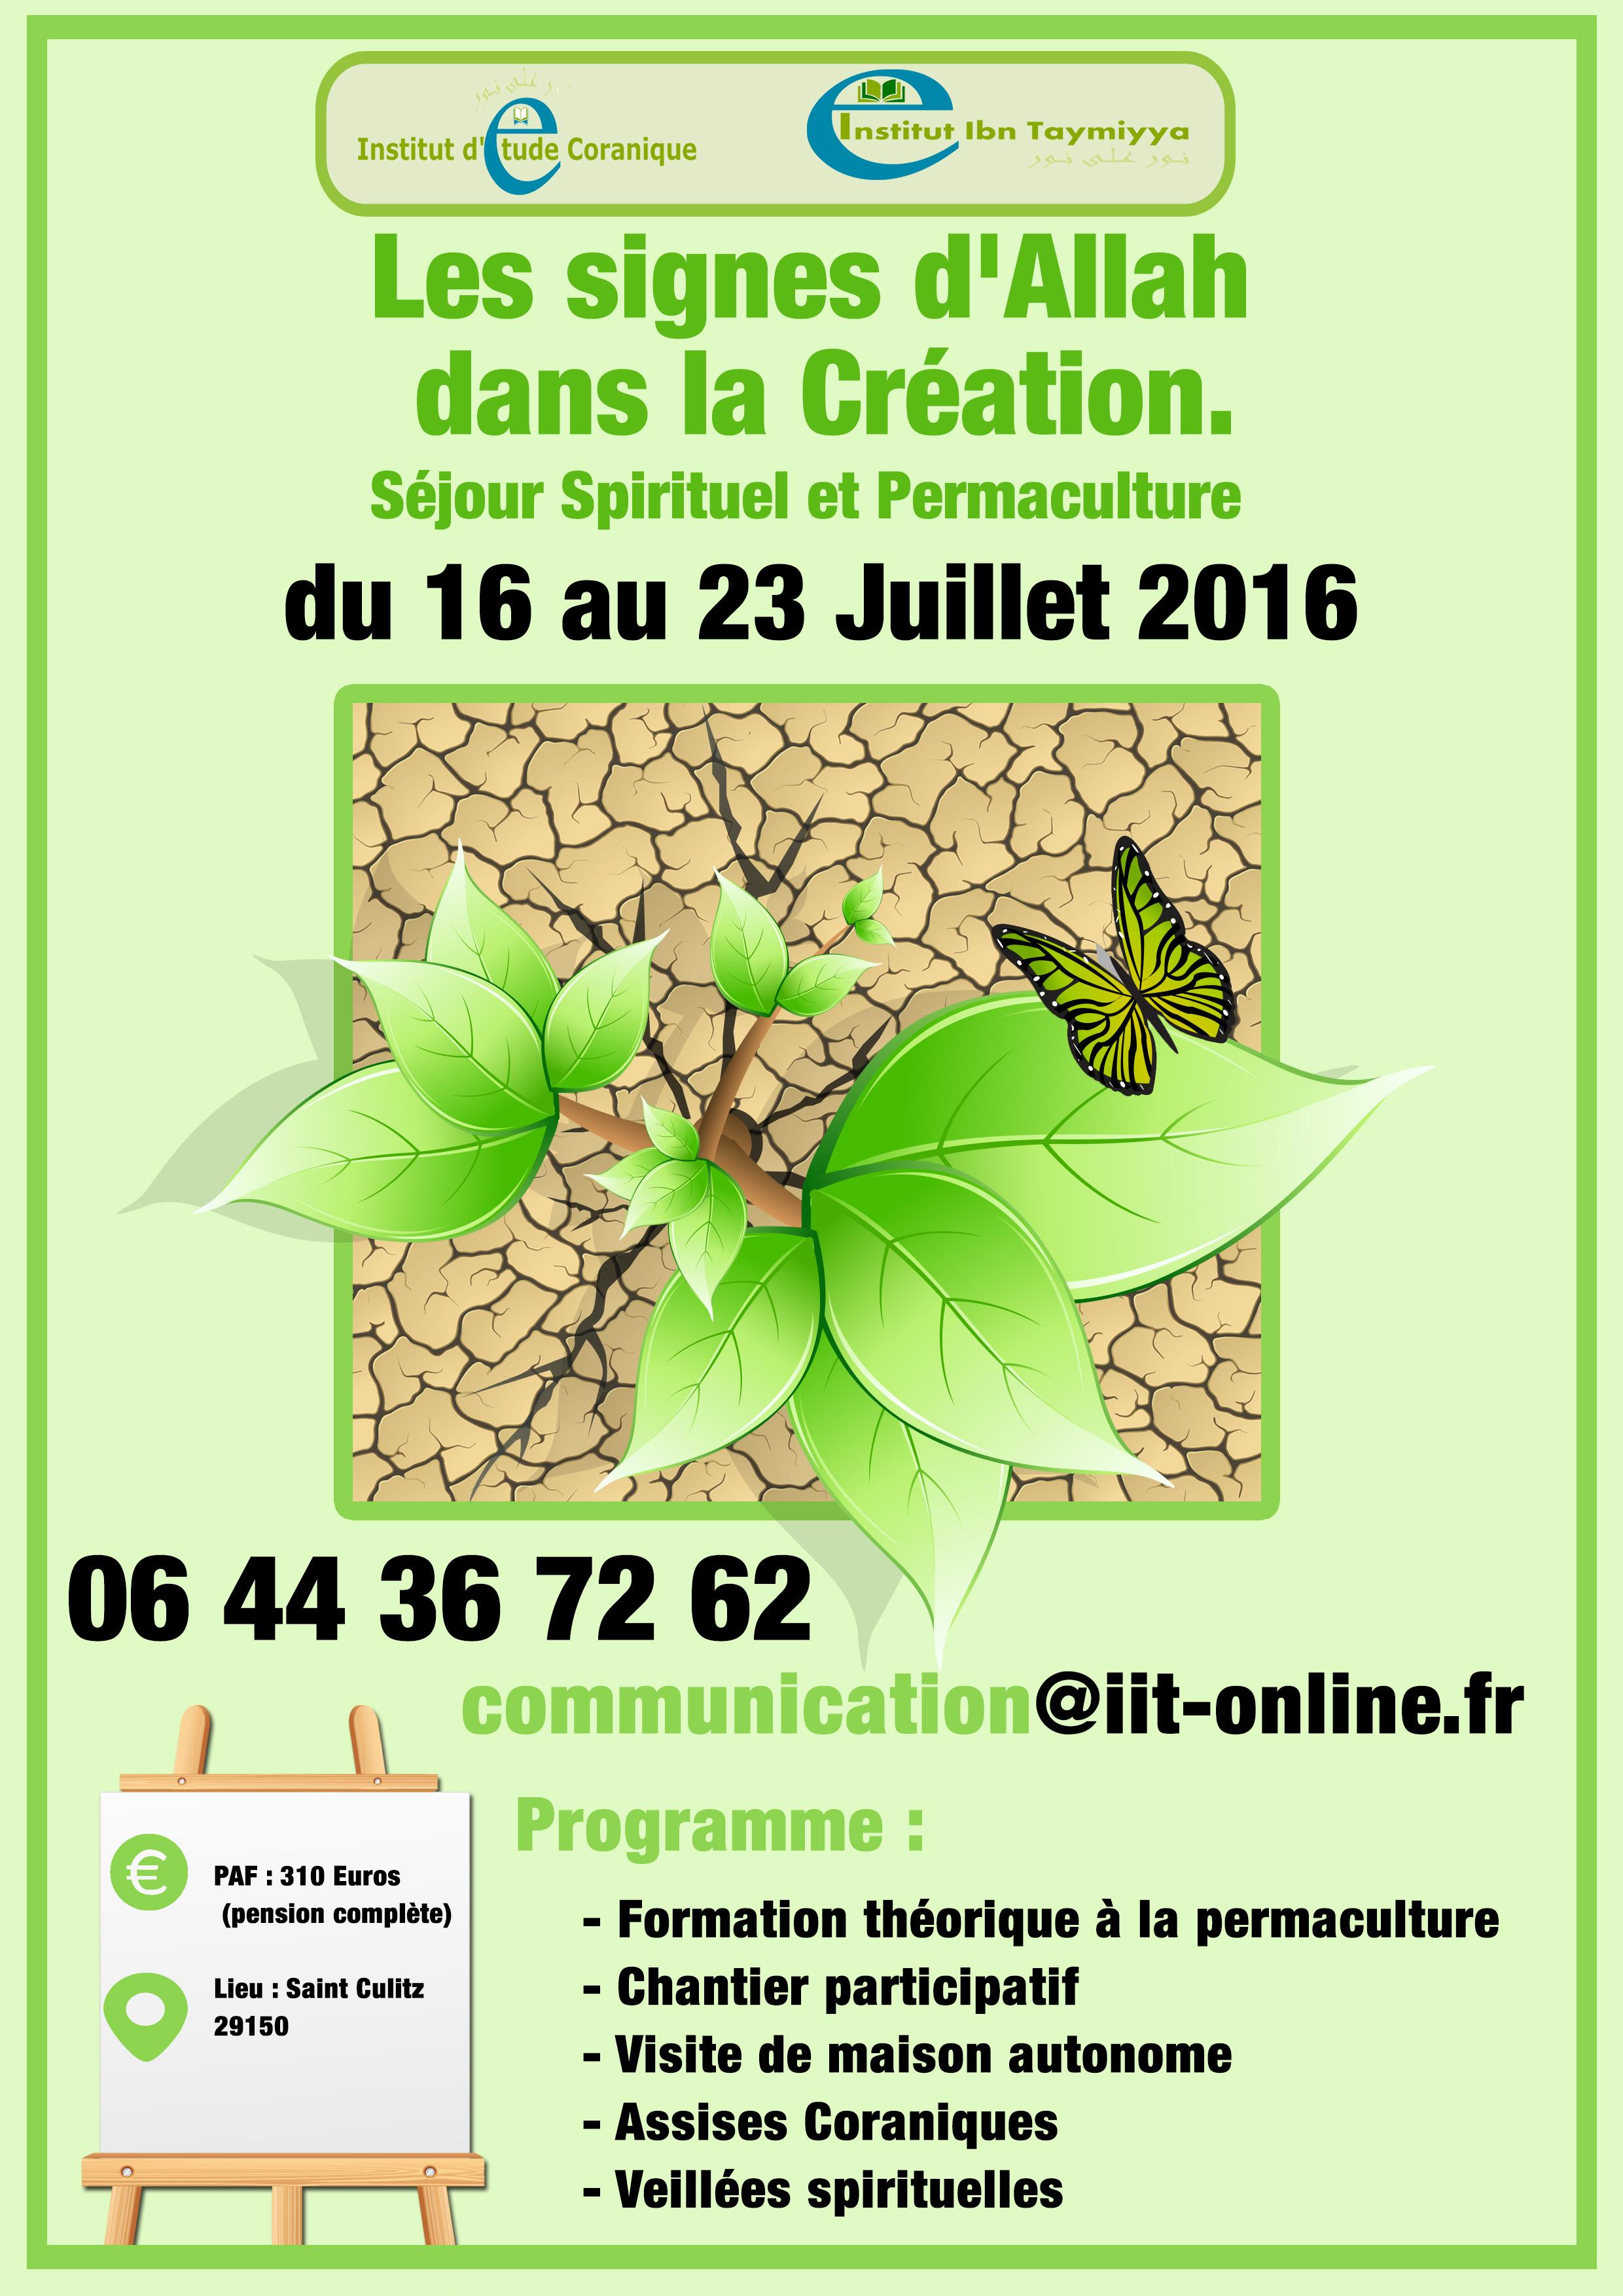 http://www.saphirnews.com/agenda/Les-signes-d-Allah-dans-la-Creation-sejour-spirituel-et-permaculture_ae401847.html